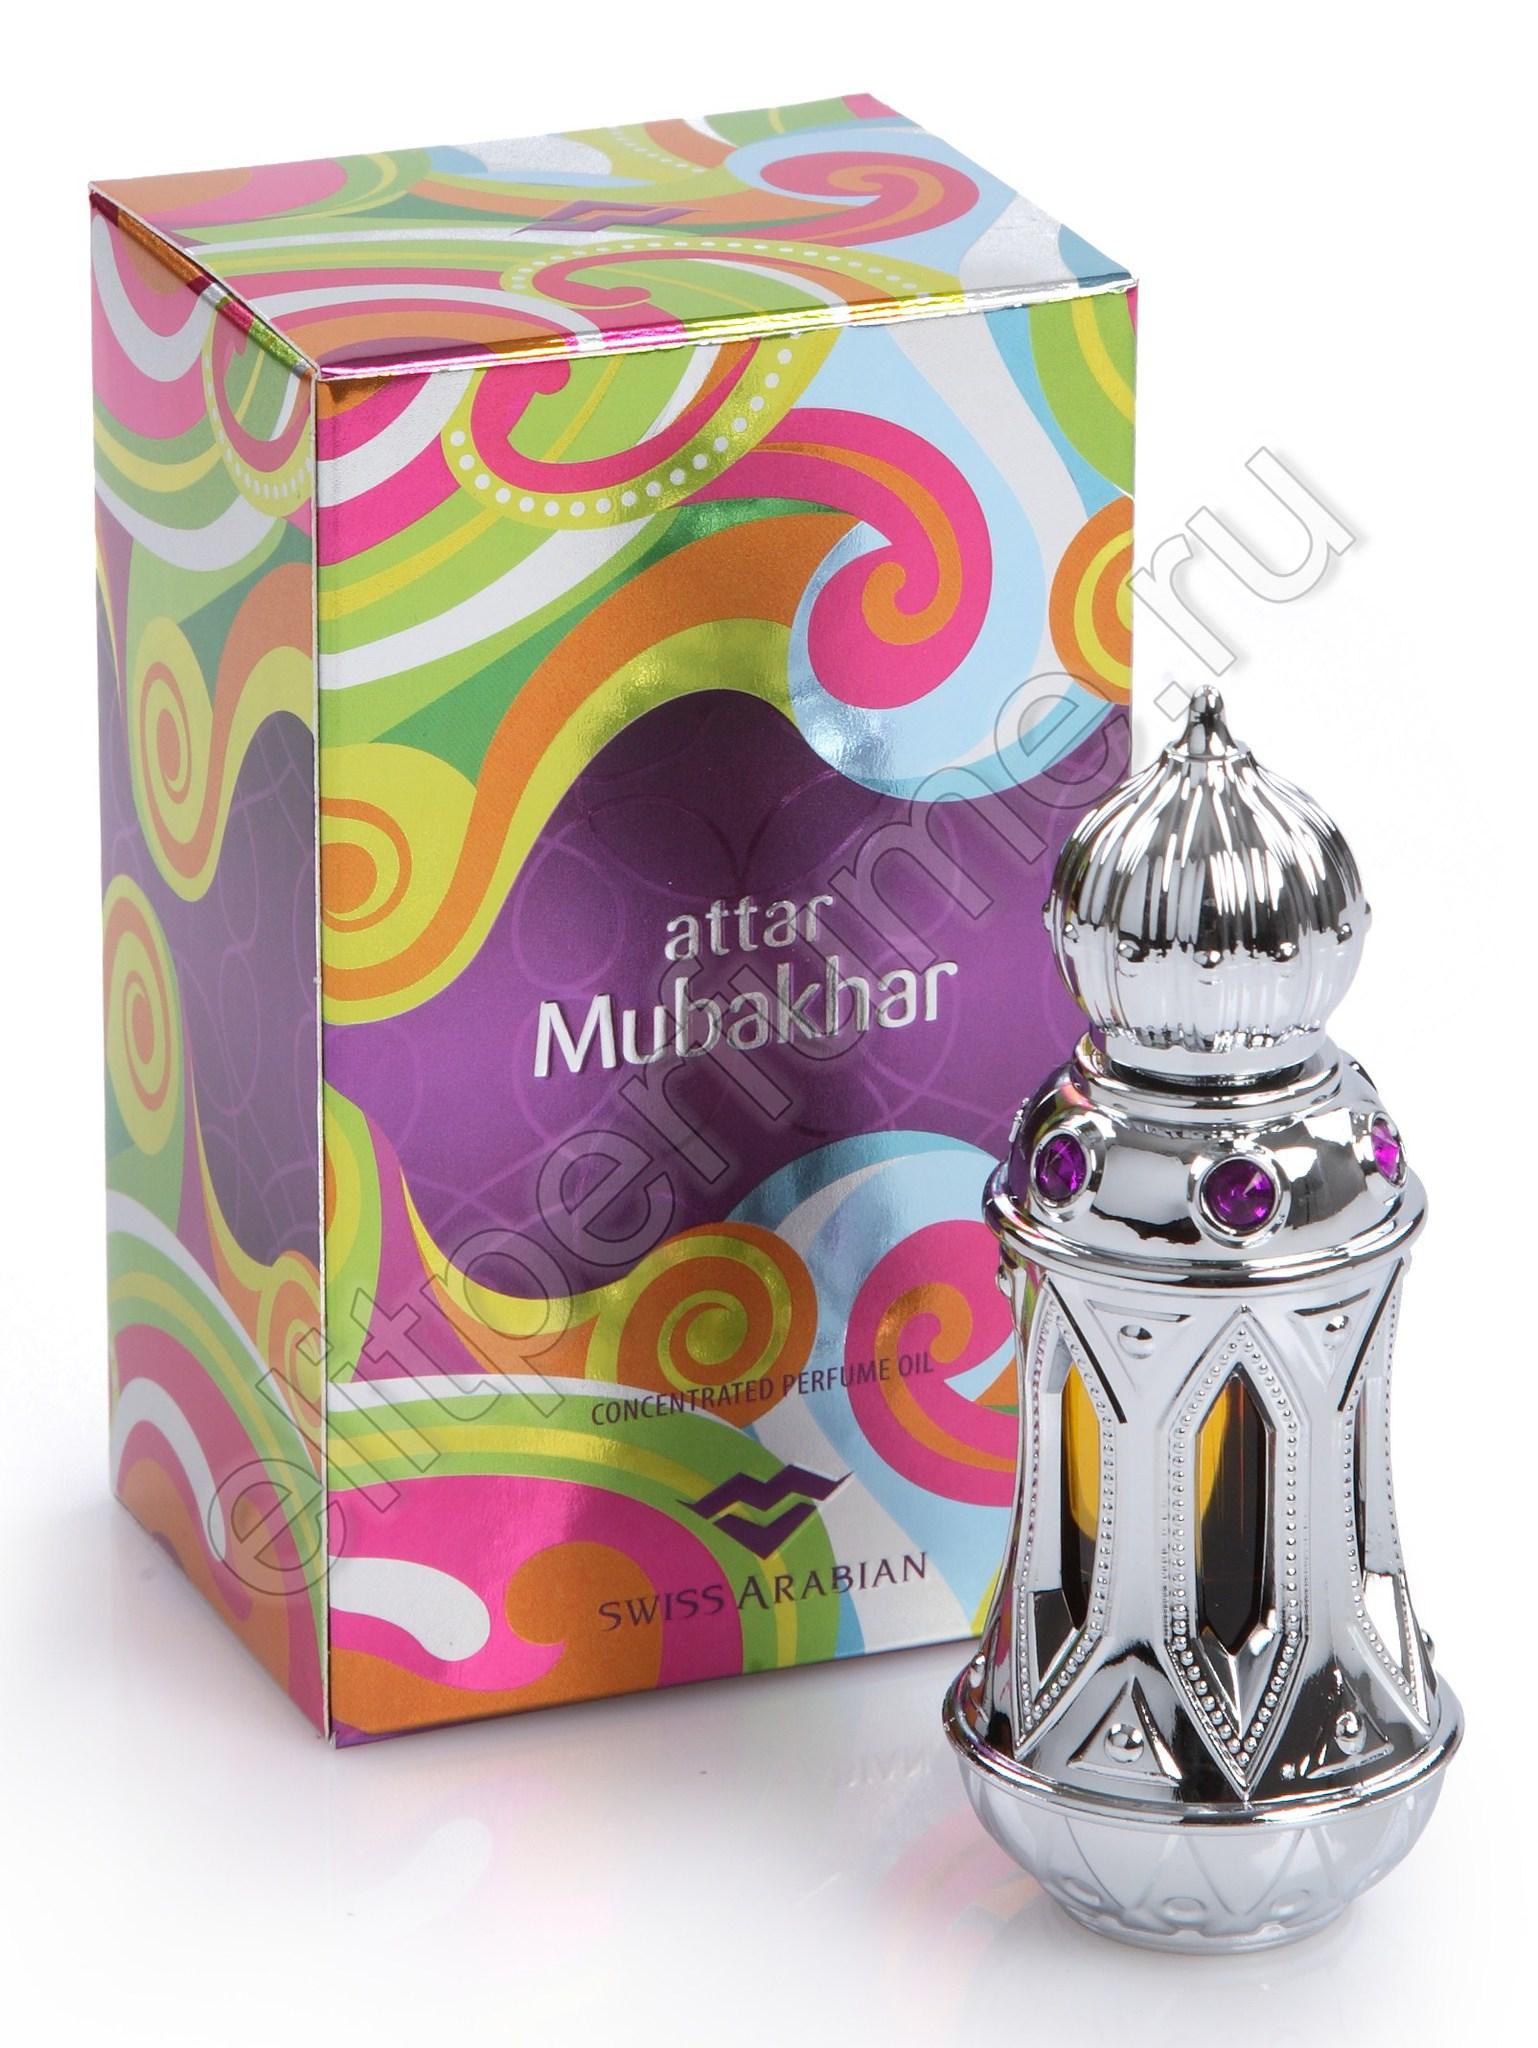 Пробники для арабских духов Аттар Мубахар Attar Mubakhar 1 мл арабские масляные духи от Свисс Арабиан Swiss Arabian